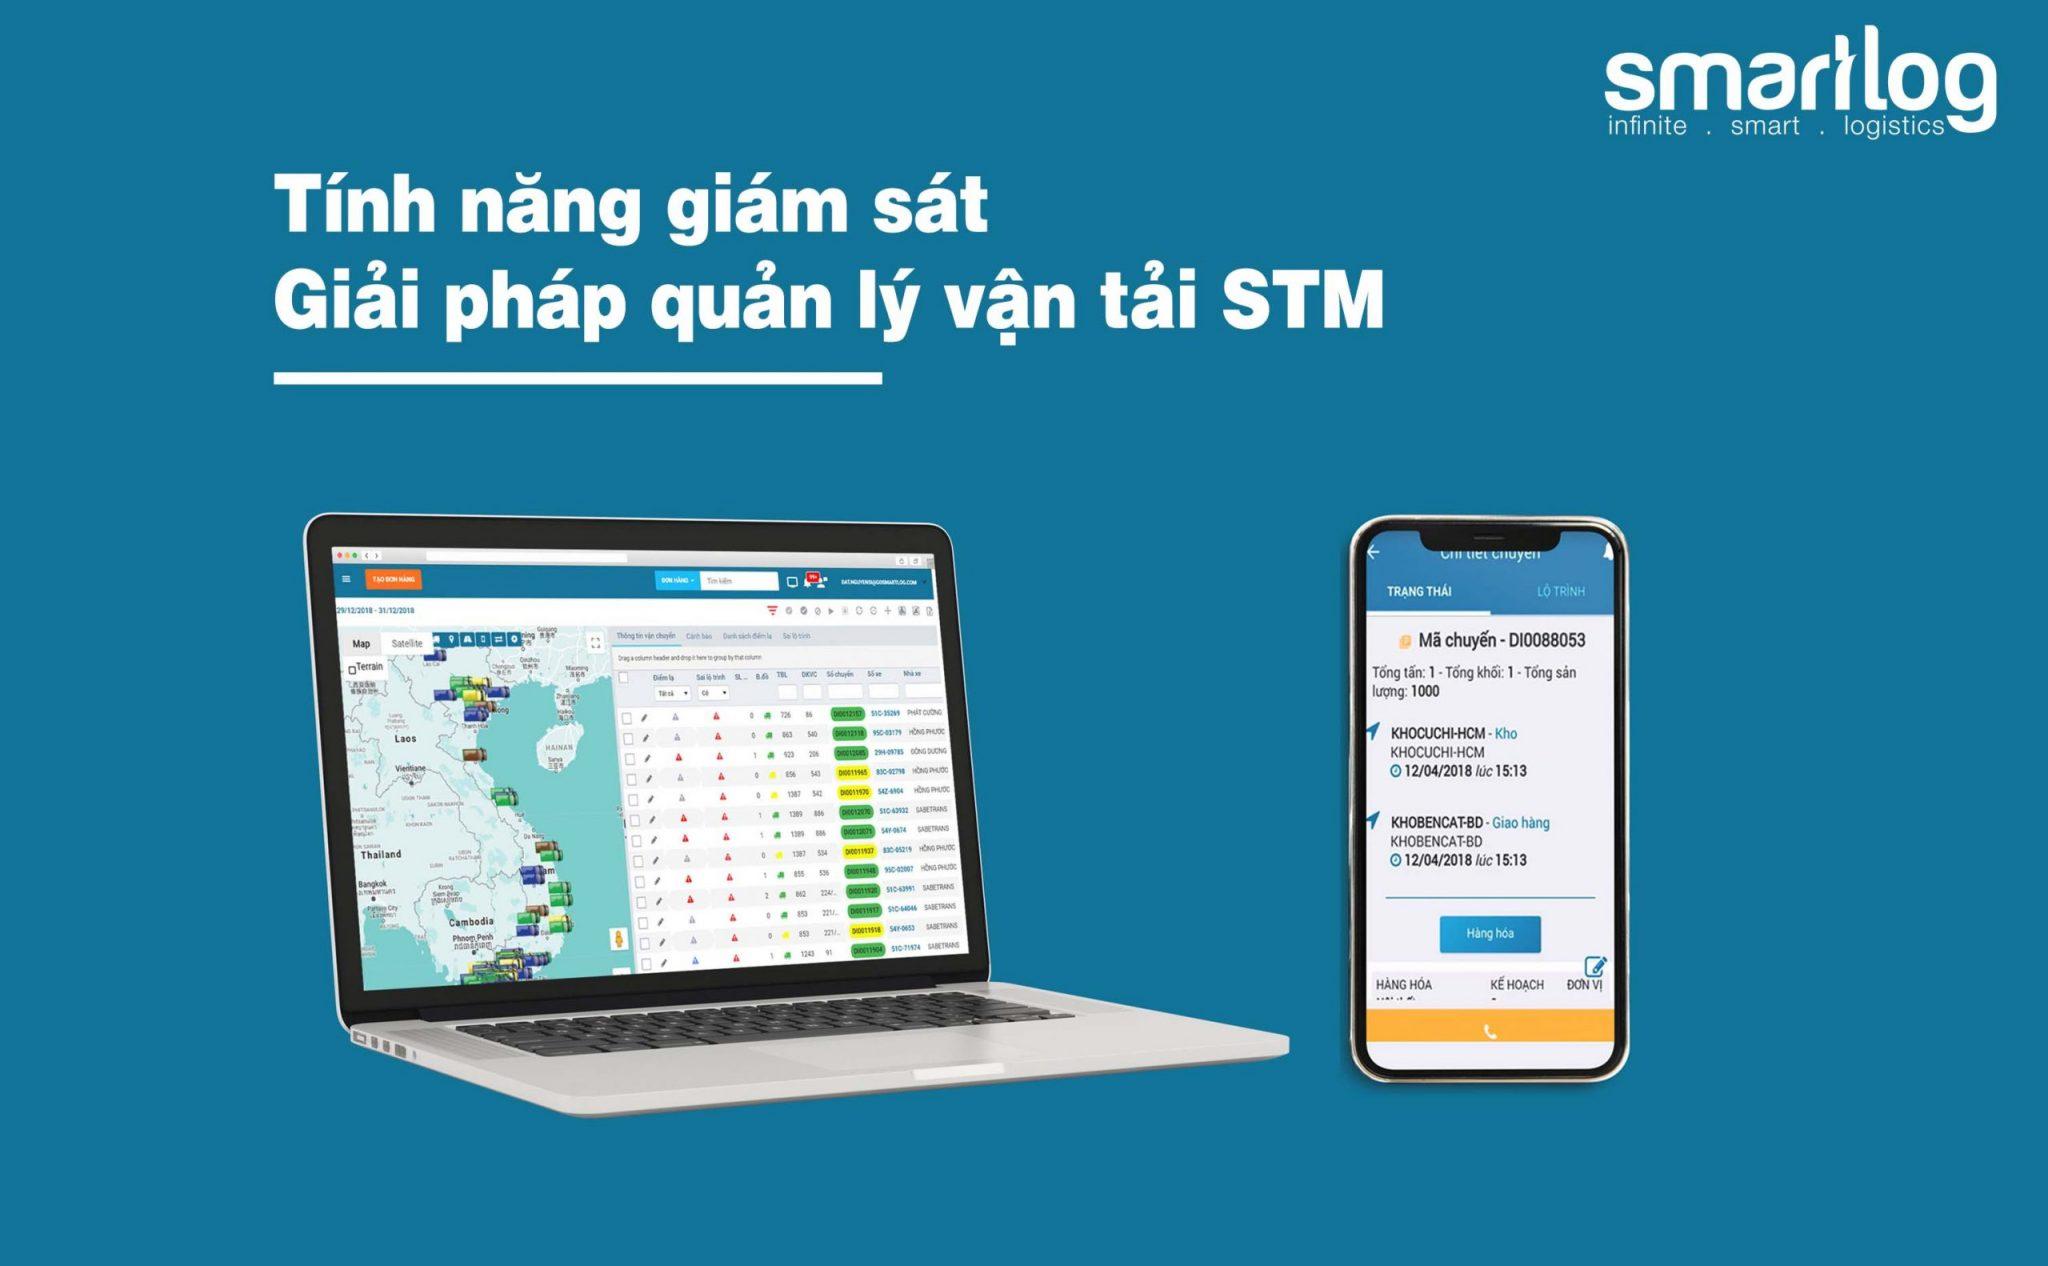 Tính năng giám sát vận tải | Giải pháp quản lý vận tải STM